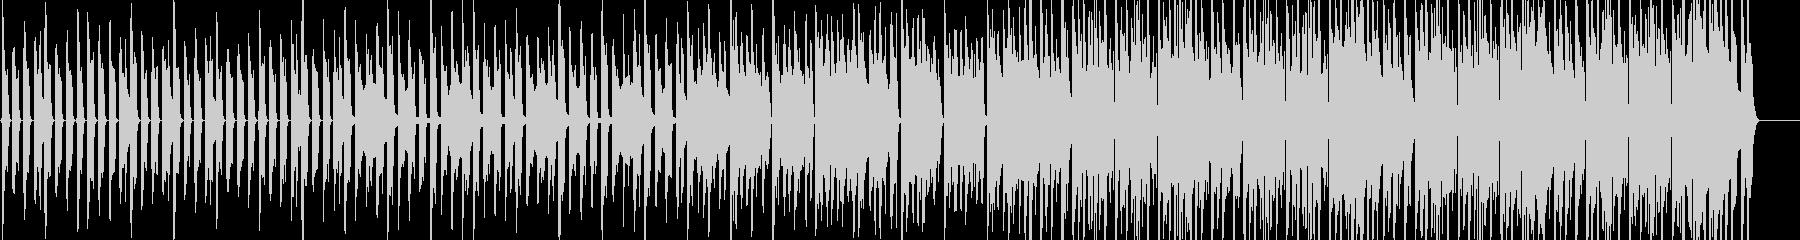 クイズ用タイムカウントダウン音源の未再生の波形